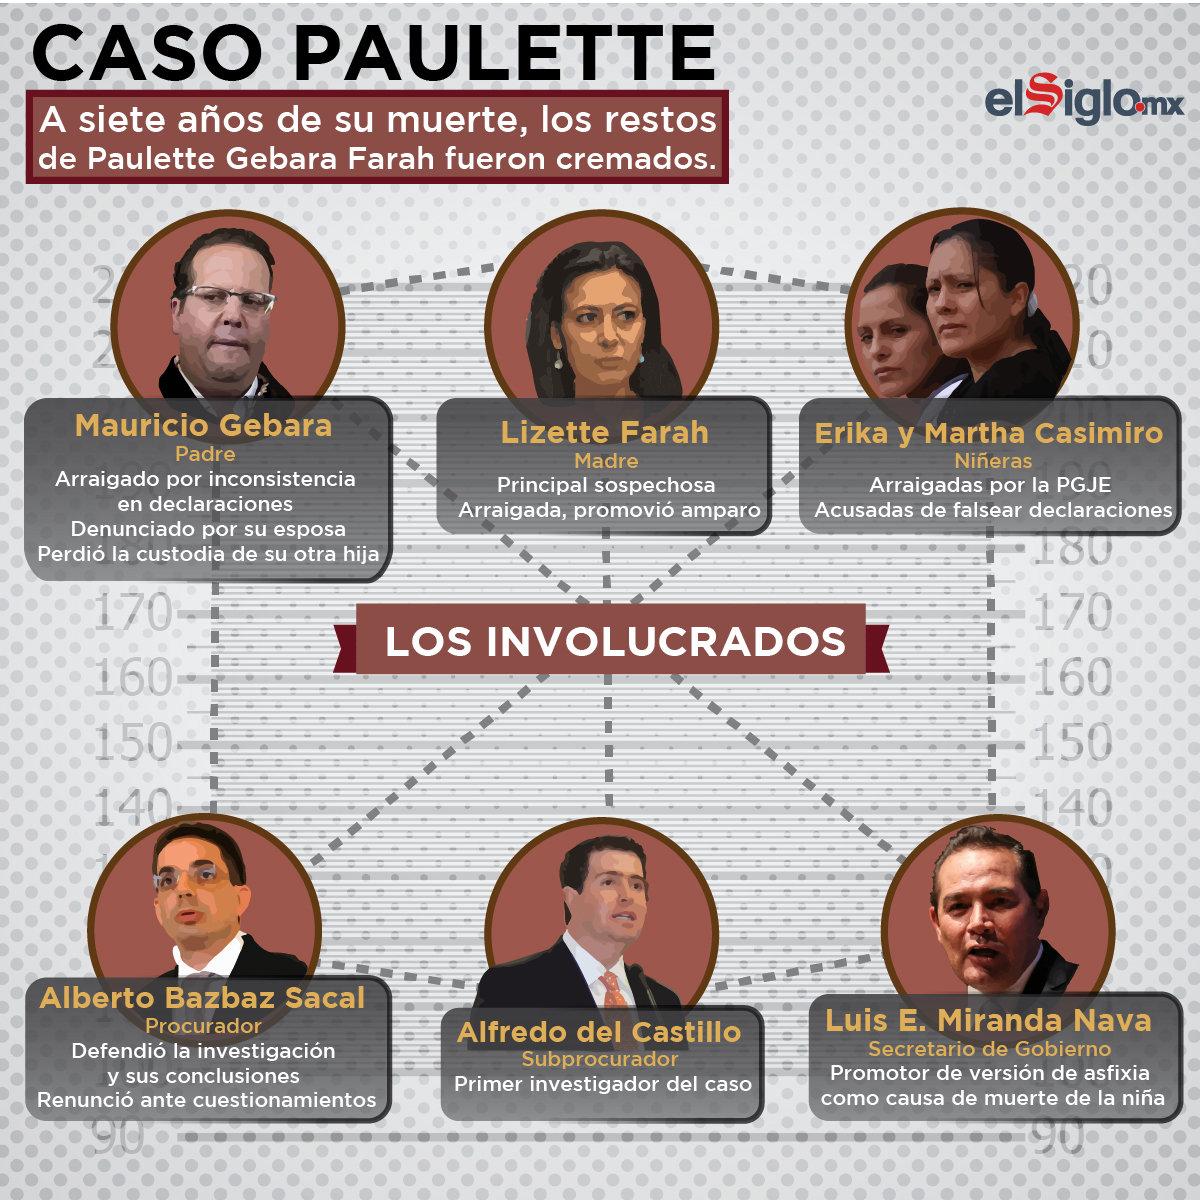 'Caso Paulette, principales implicados'